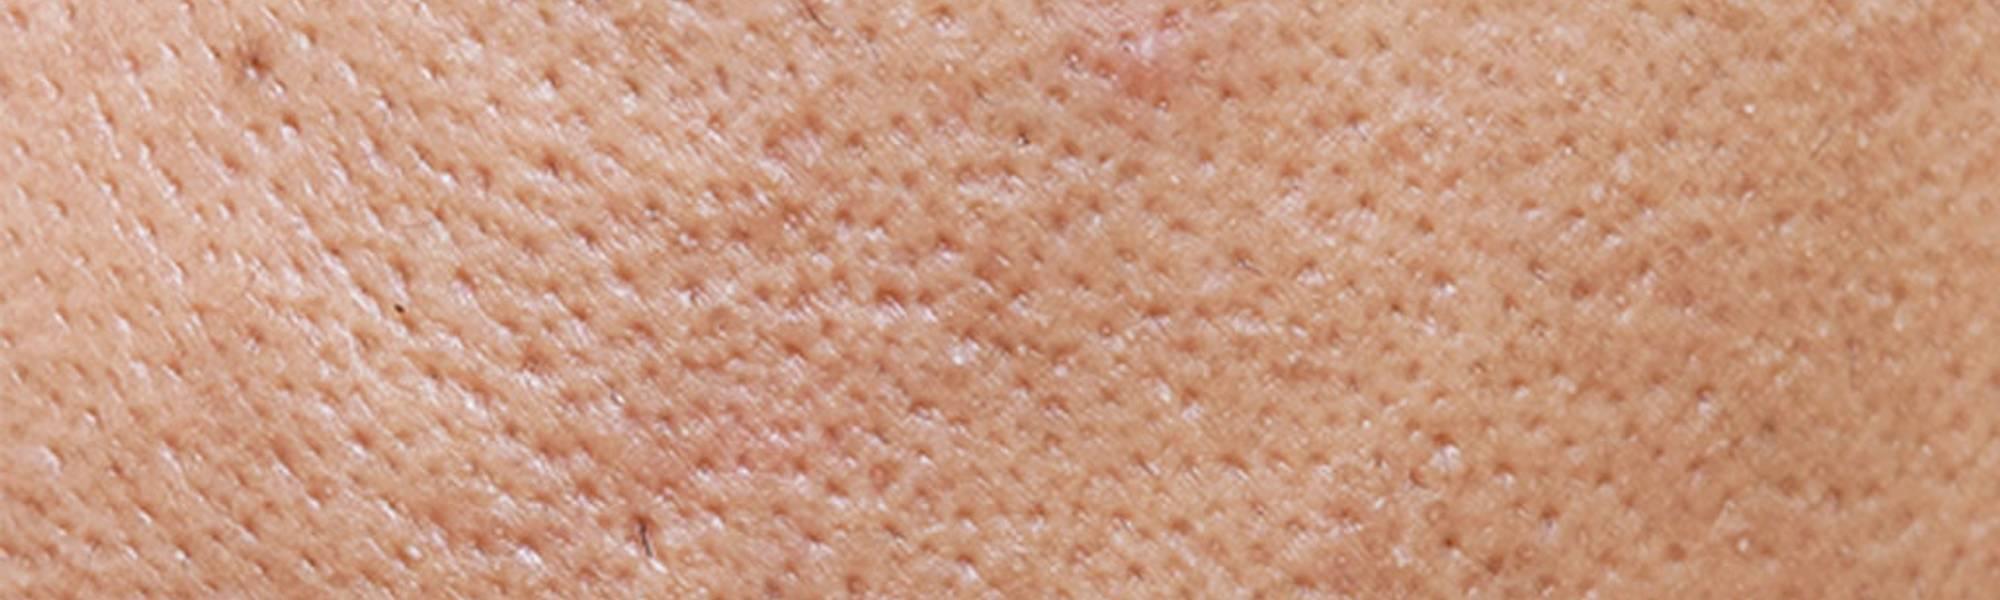 Larocheposay ArtikkelSide Akne Hvordan bli kvitt hudormer